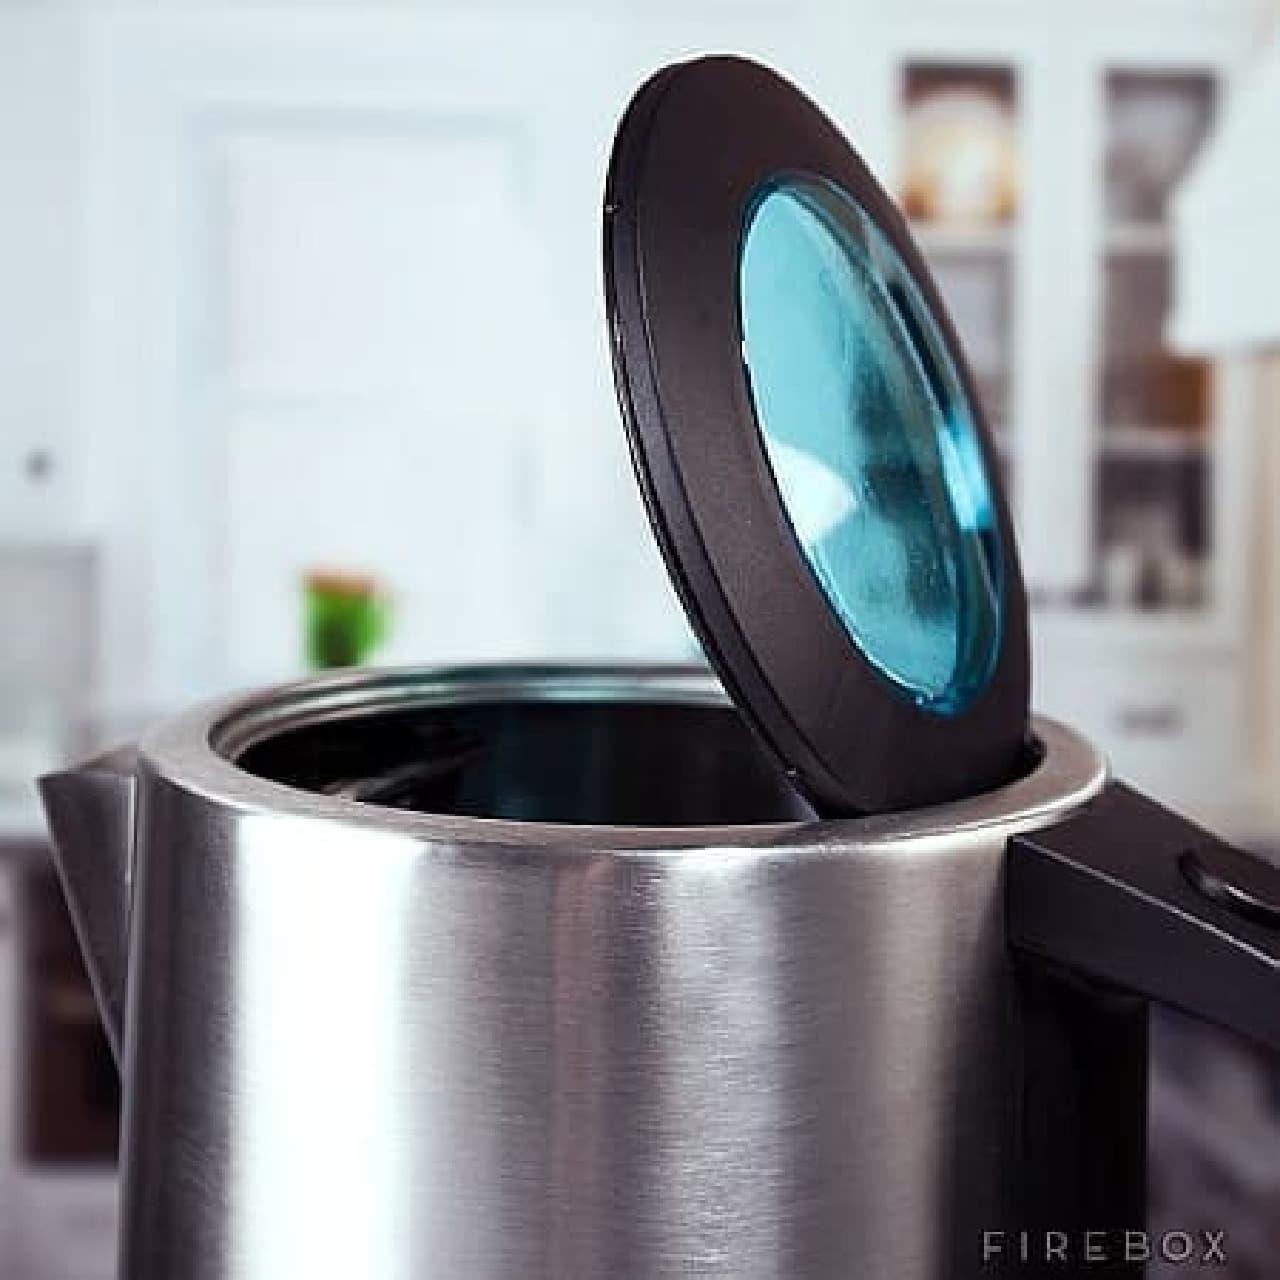 部屋のどこにいても、お湯を沸かすことができる。  そう、iKettle ならね! (C)Firebox.com